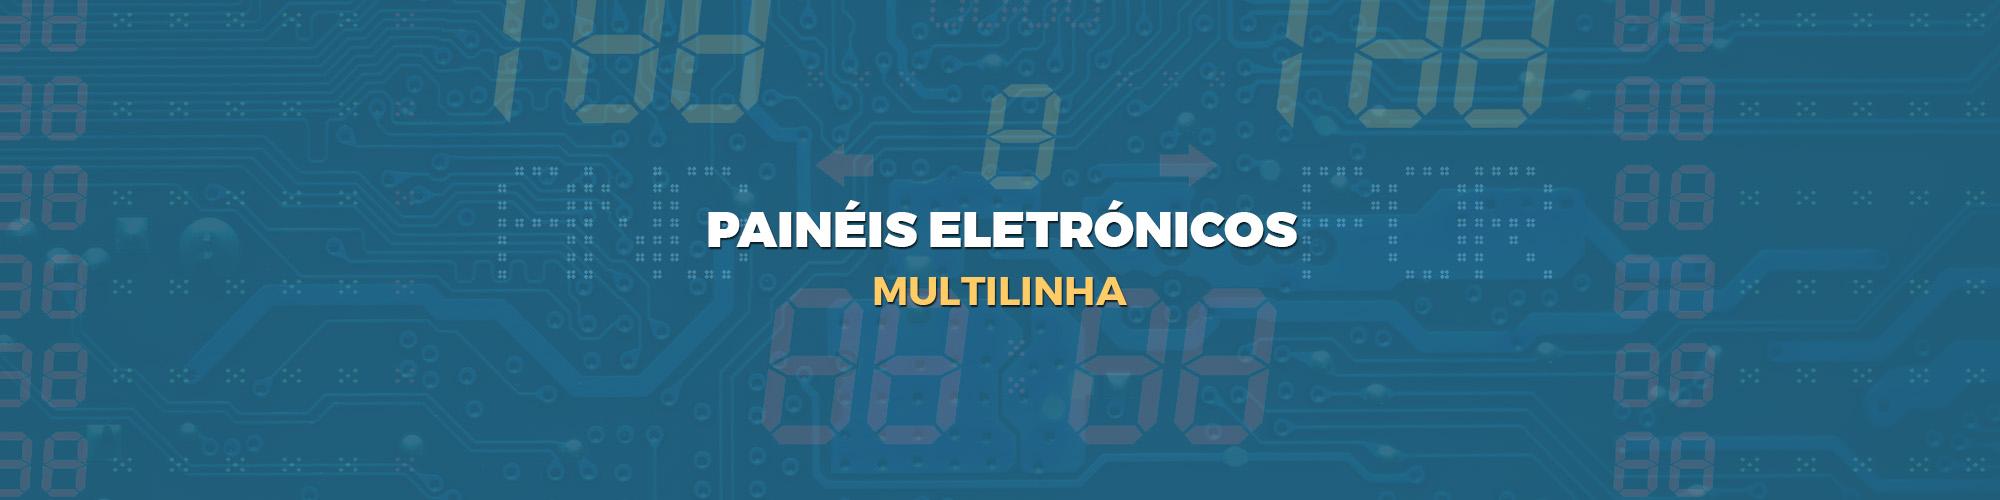 Paineis eletronicos - MULTILINHA